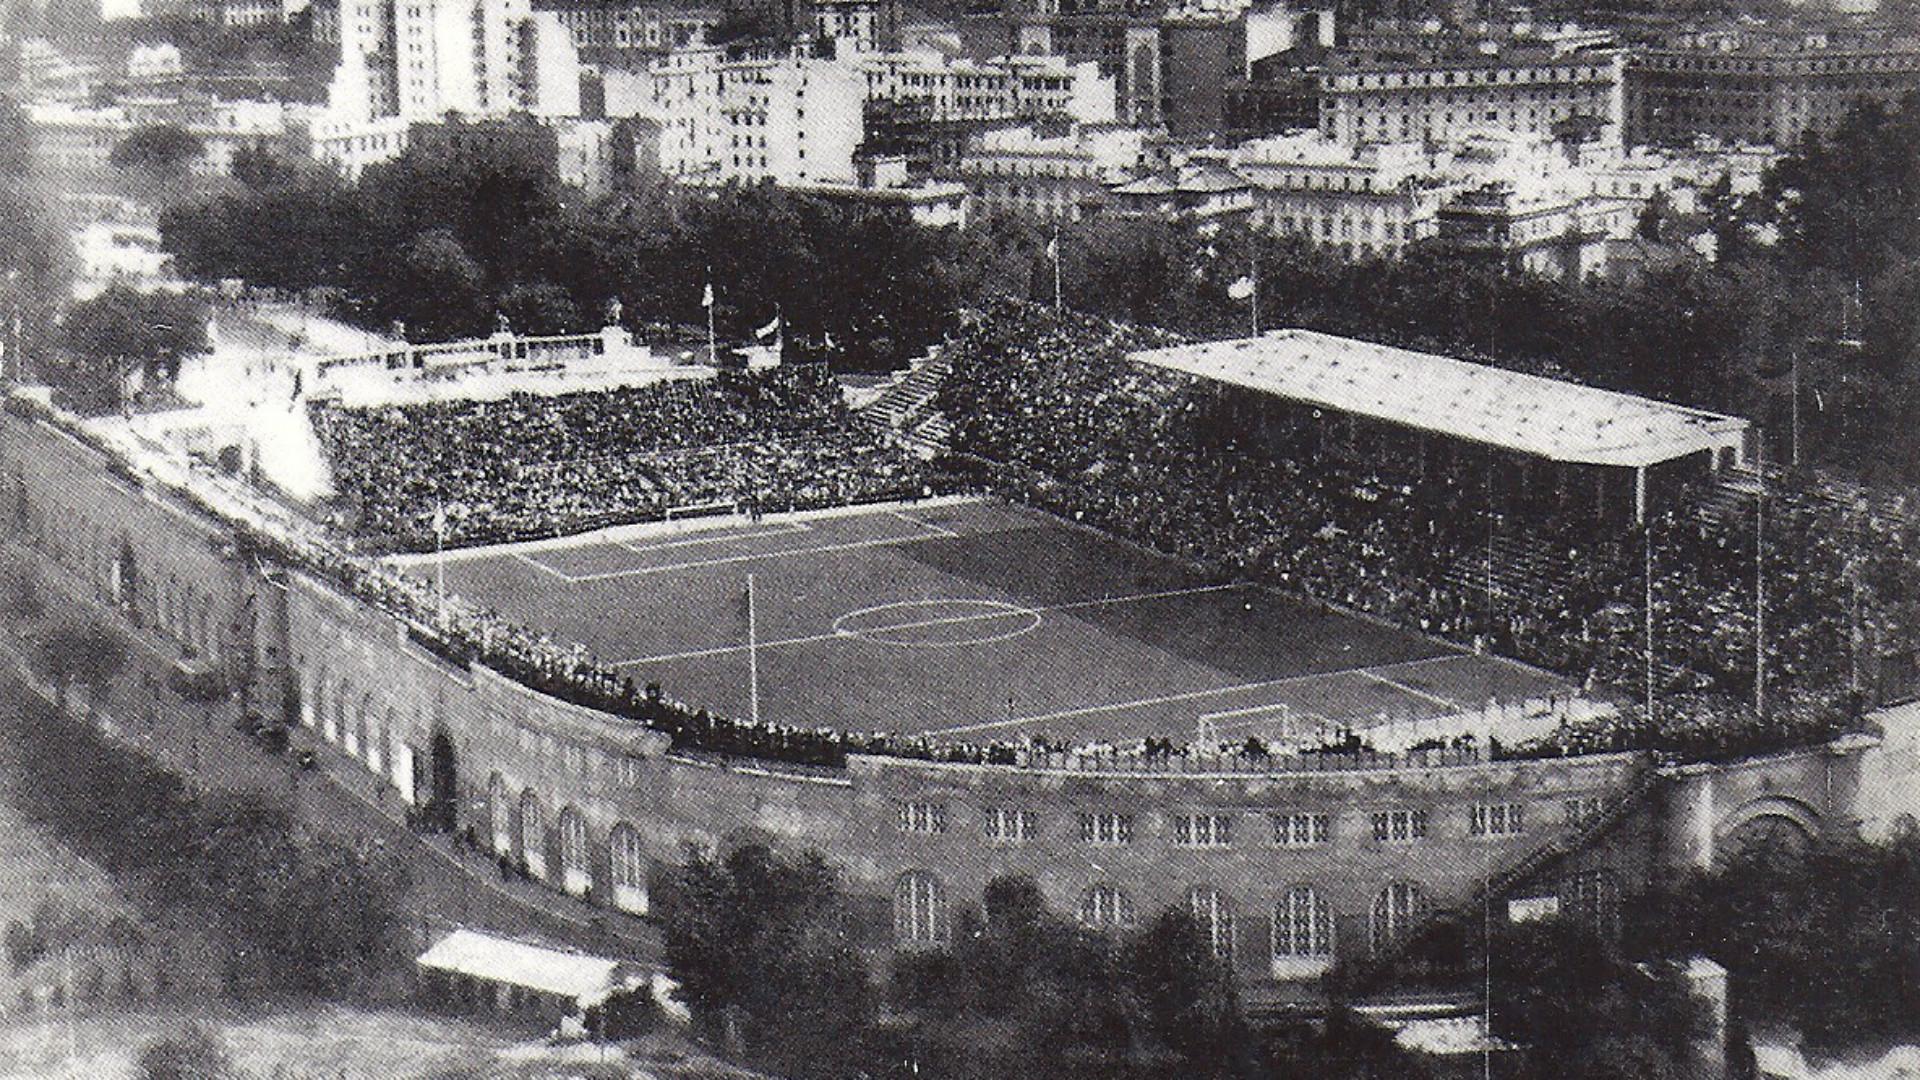 Stadio Del Partito Nazionale Fascista